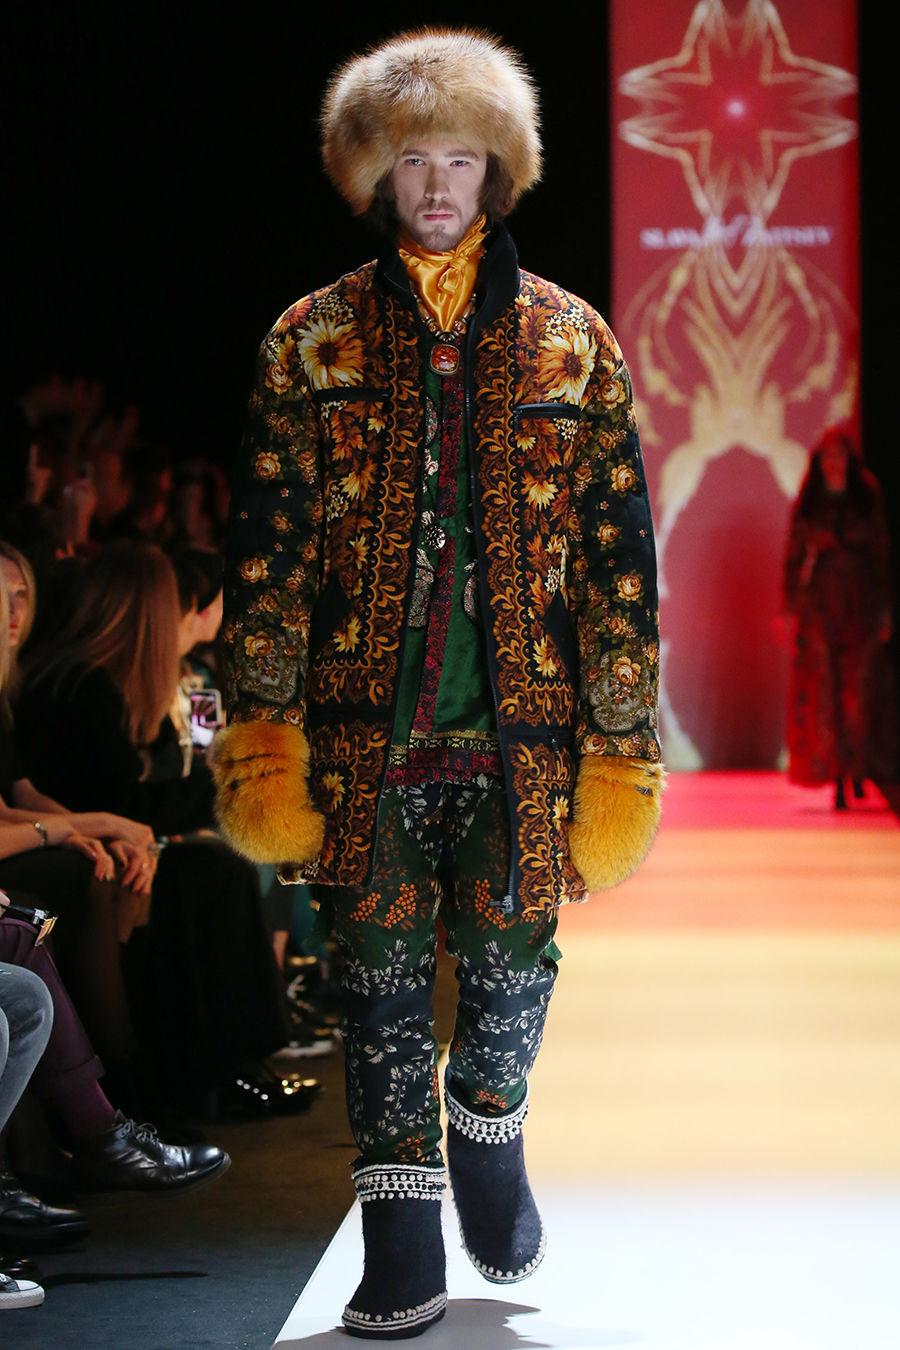 Вячеслав Зайцев — художник-модельер родом из г. Иваново. Закончив  Московский текстильный институт в 1962 году, он долгое время проработал в  Общесоюзном доме ... b6f17e535a4